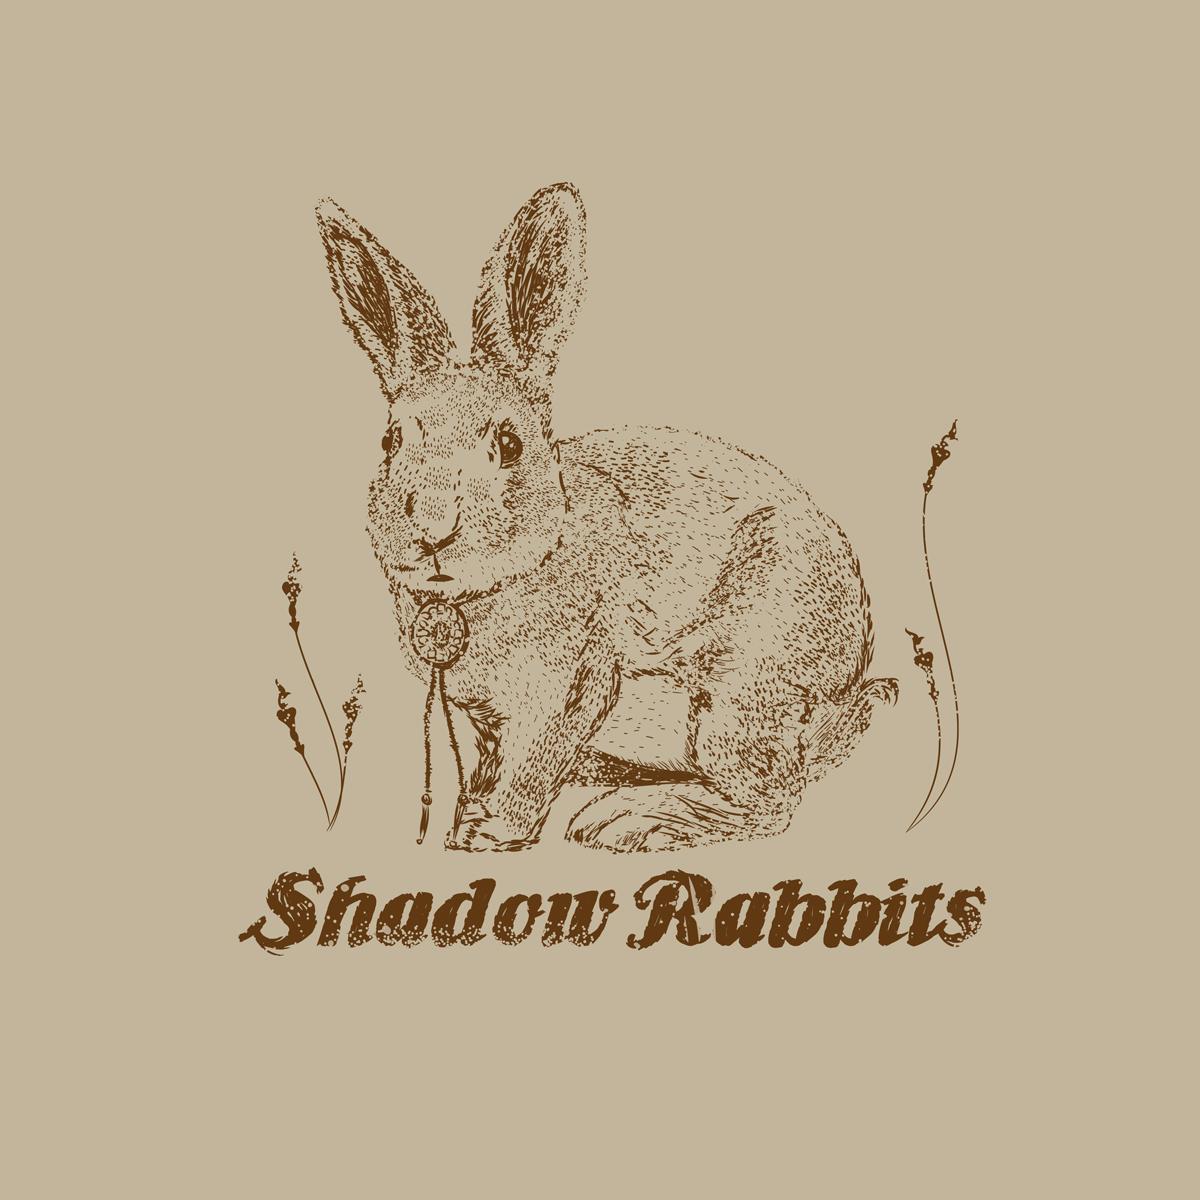 Shadow Rabbits Storybook T-shirt Design